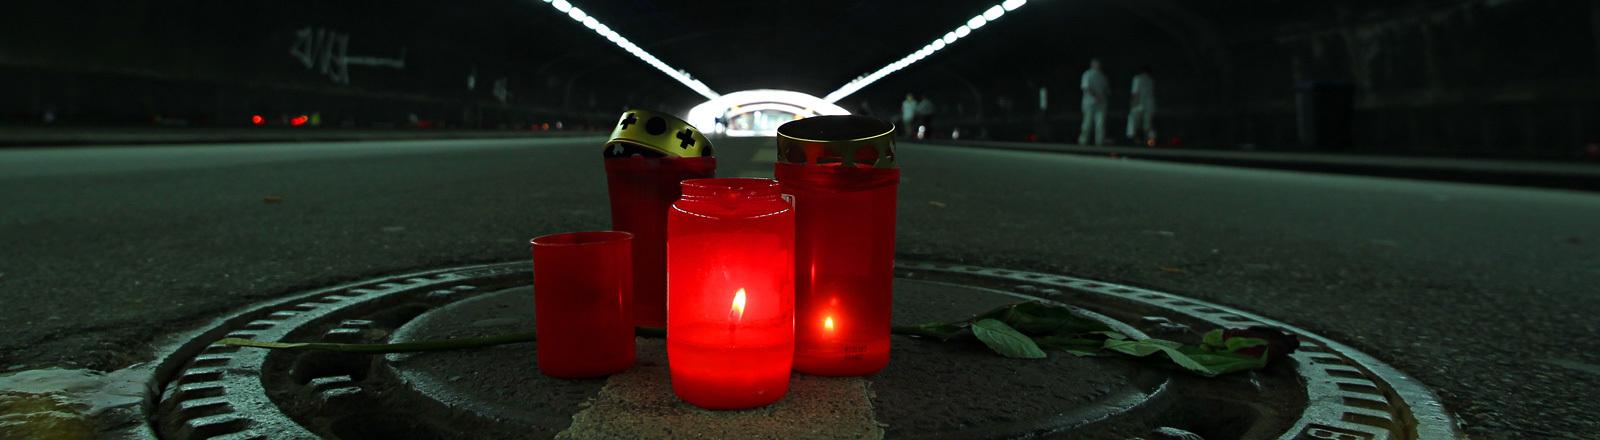 Zwei Wochen nach dem Loveparade-Unglück stehen am 09.08.2010 in Duisburg im Tunnel nahe der Unglücksstelle mitten auf dem Gehweg Trauerkerzen; Foto: dpa